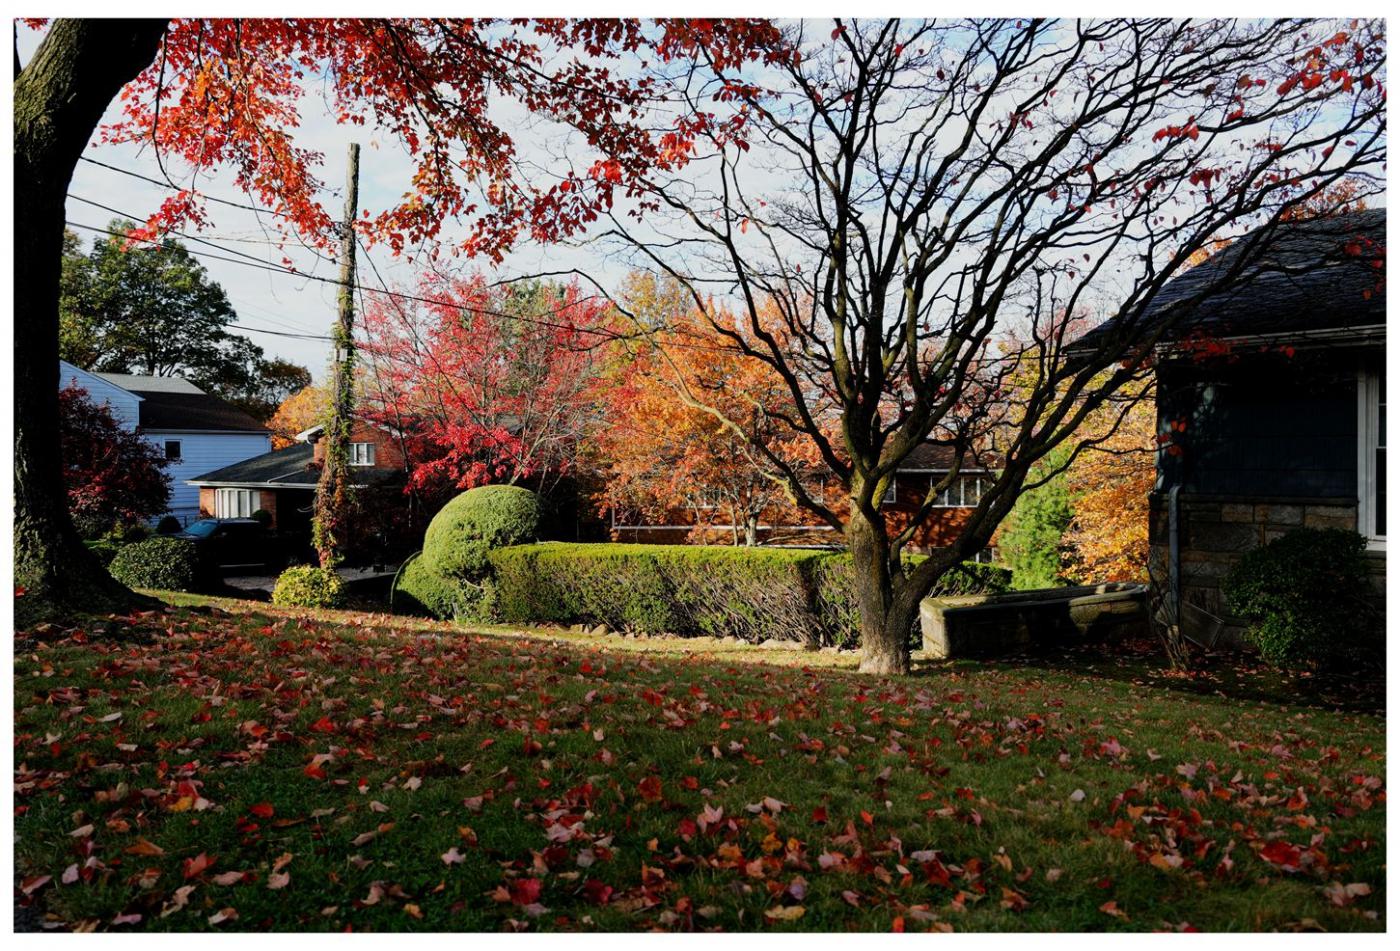 风光] 叶到红时勘比花—实拍美国东部深秋红叶_图1-18